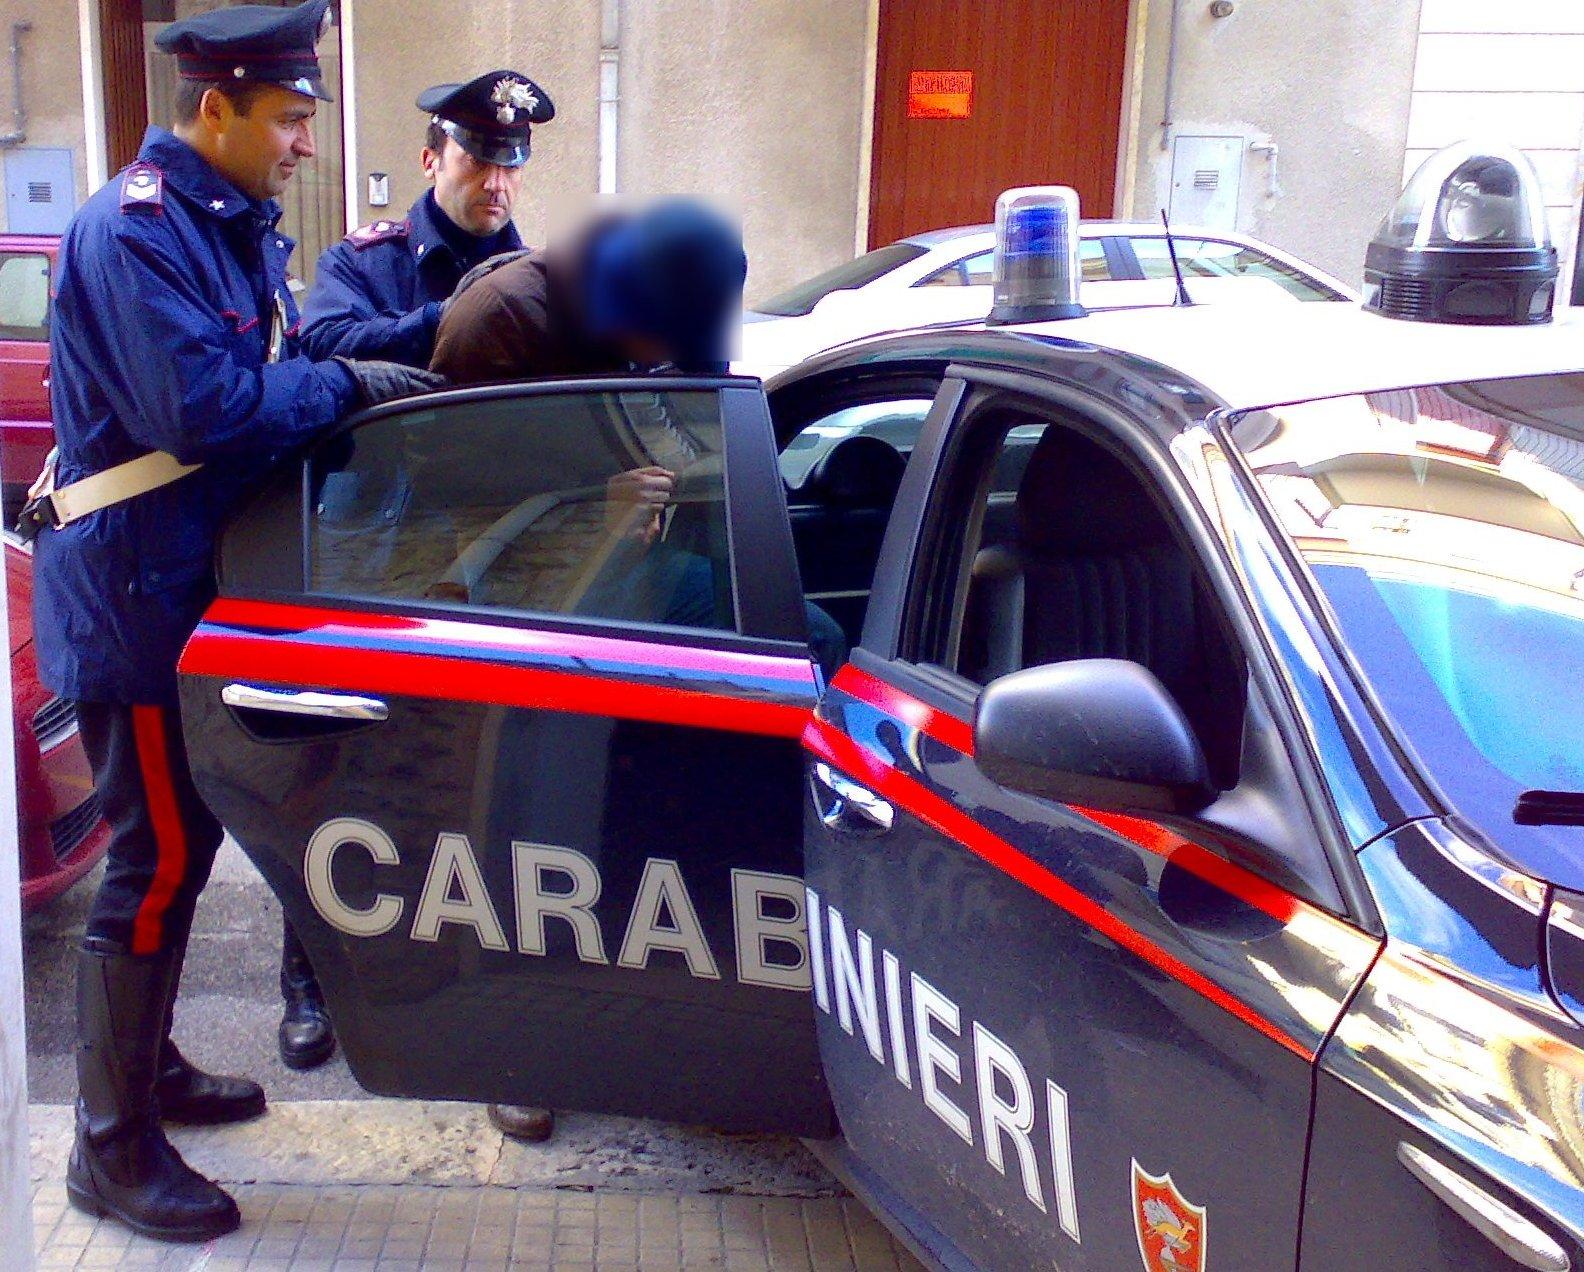 carabinieri-arresto.jpg (1584×1272)